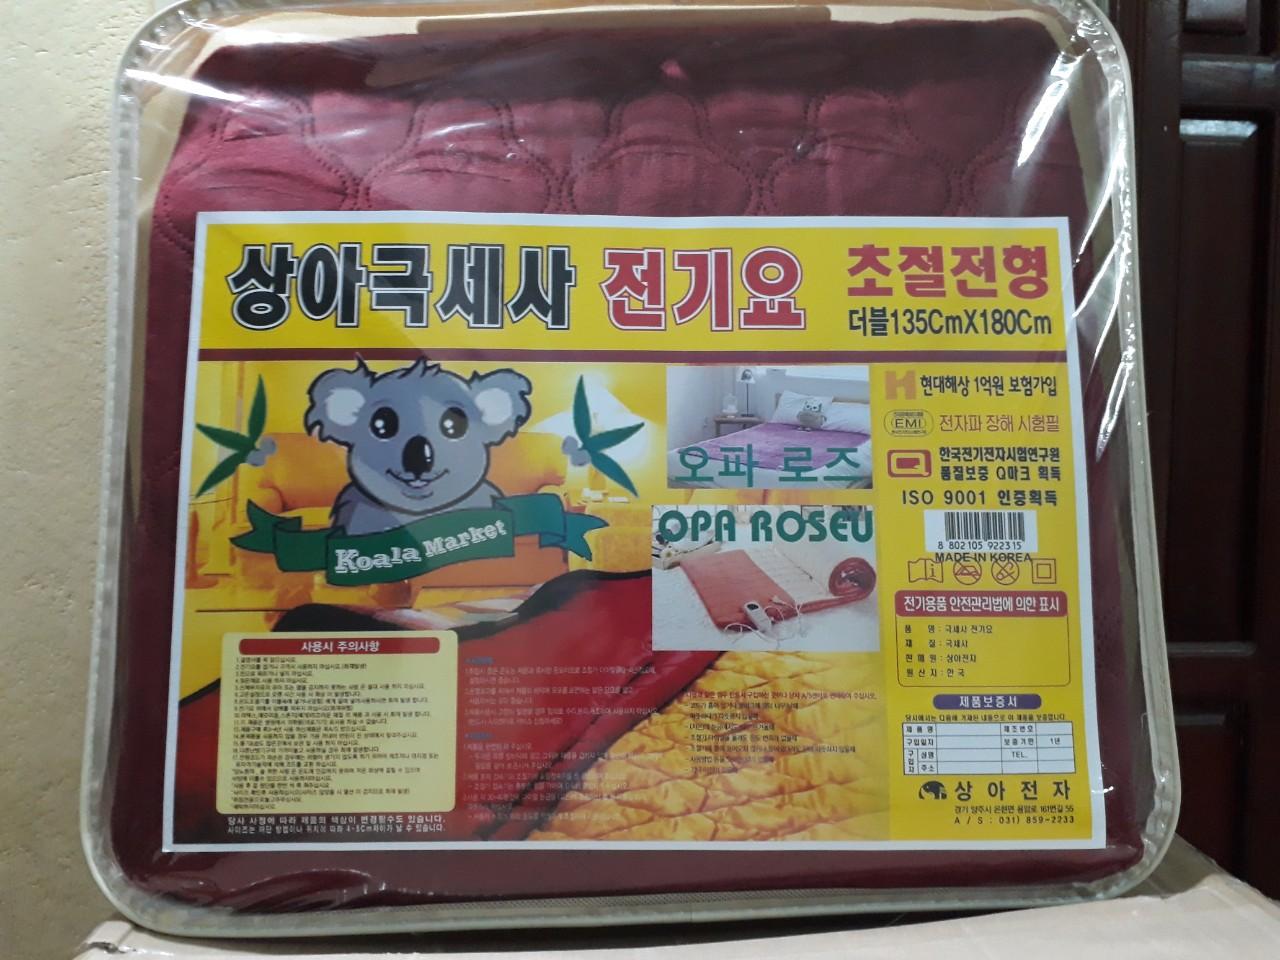 Đệm sưởi điện cao cấp KOALA Hàn Quốc 108 chính hãng bảo hành 1 năm